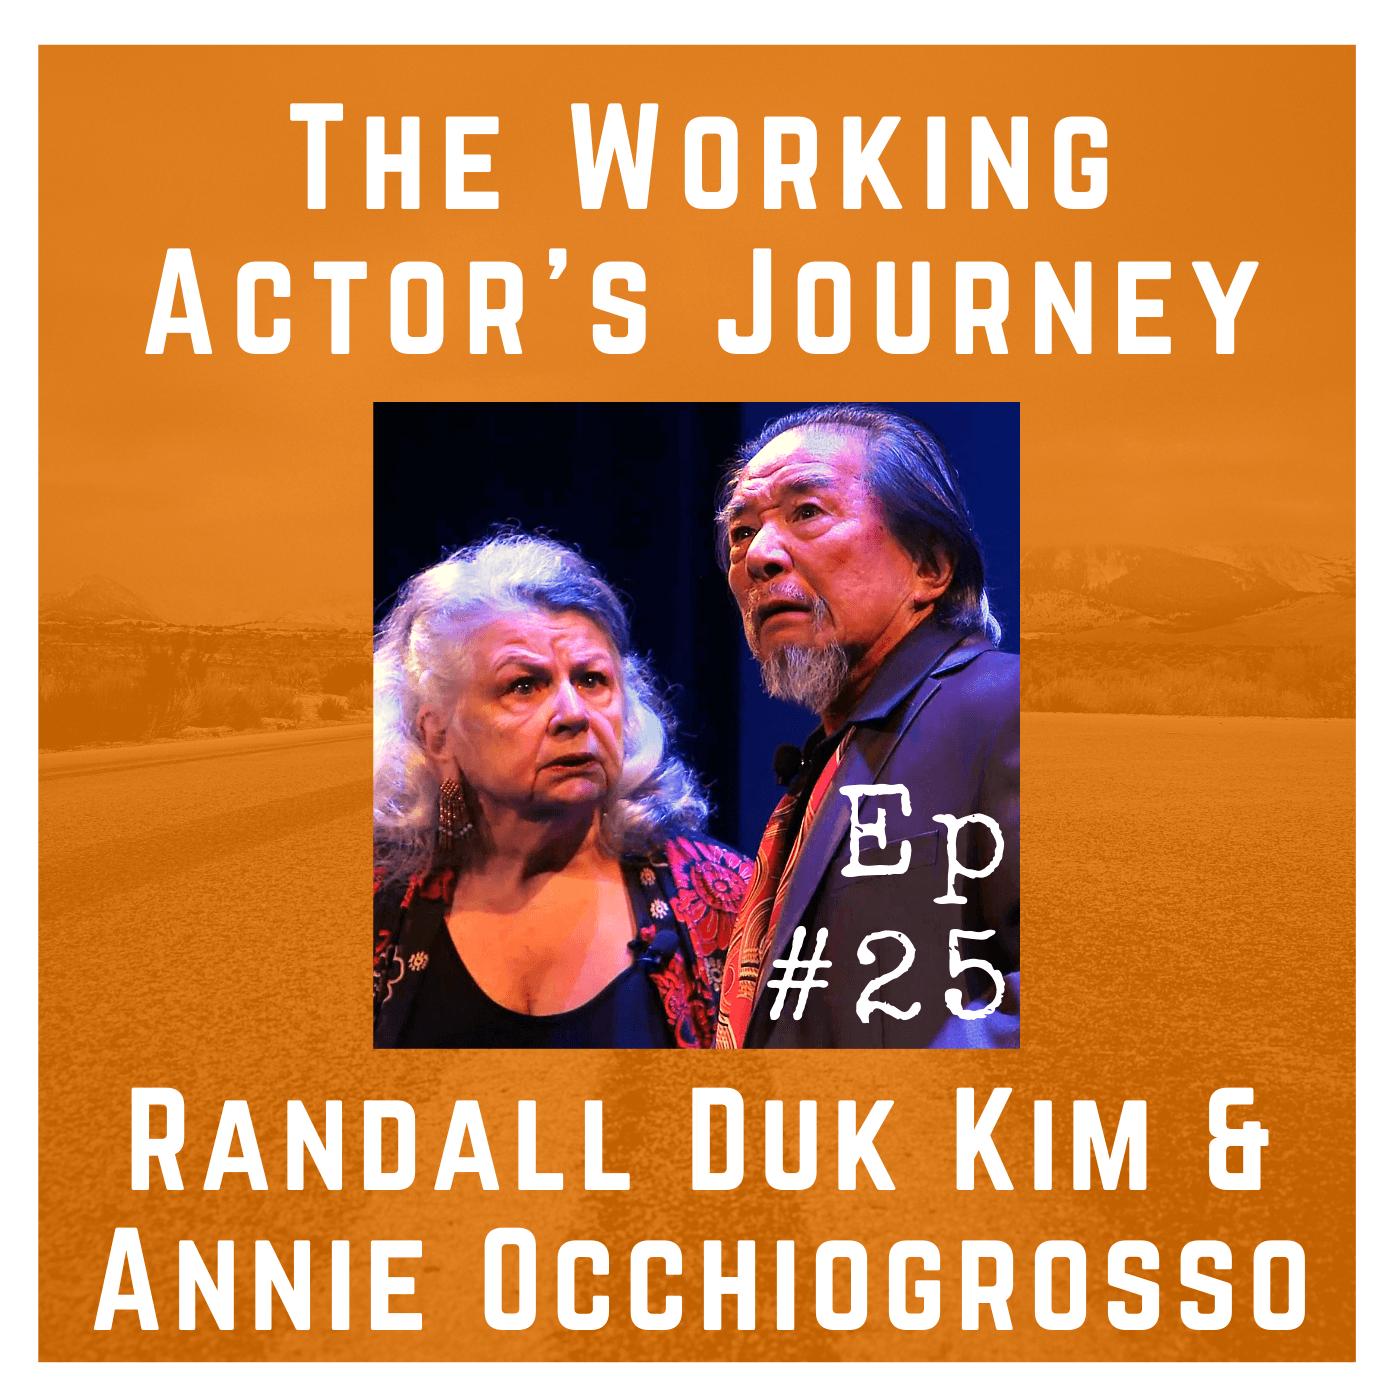 Ep 25: Randall Duk Kim and Annie Occhiogrosso